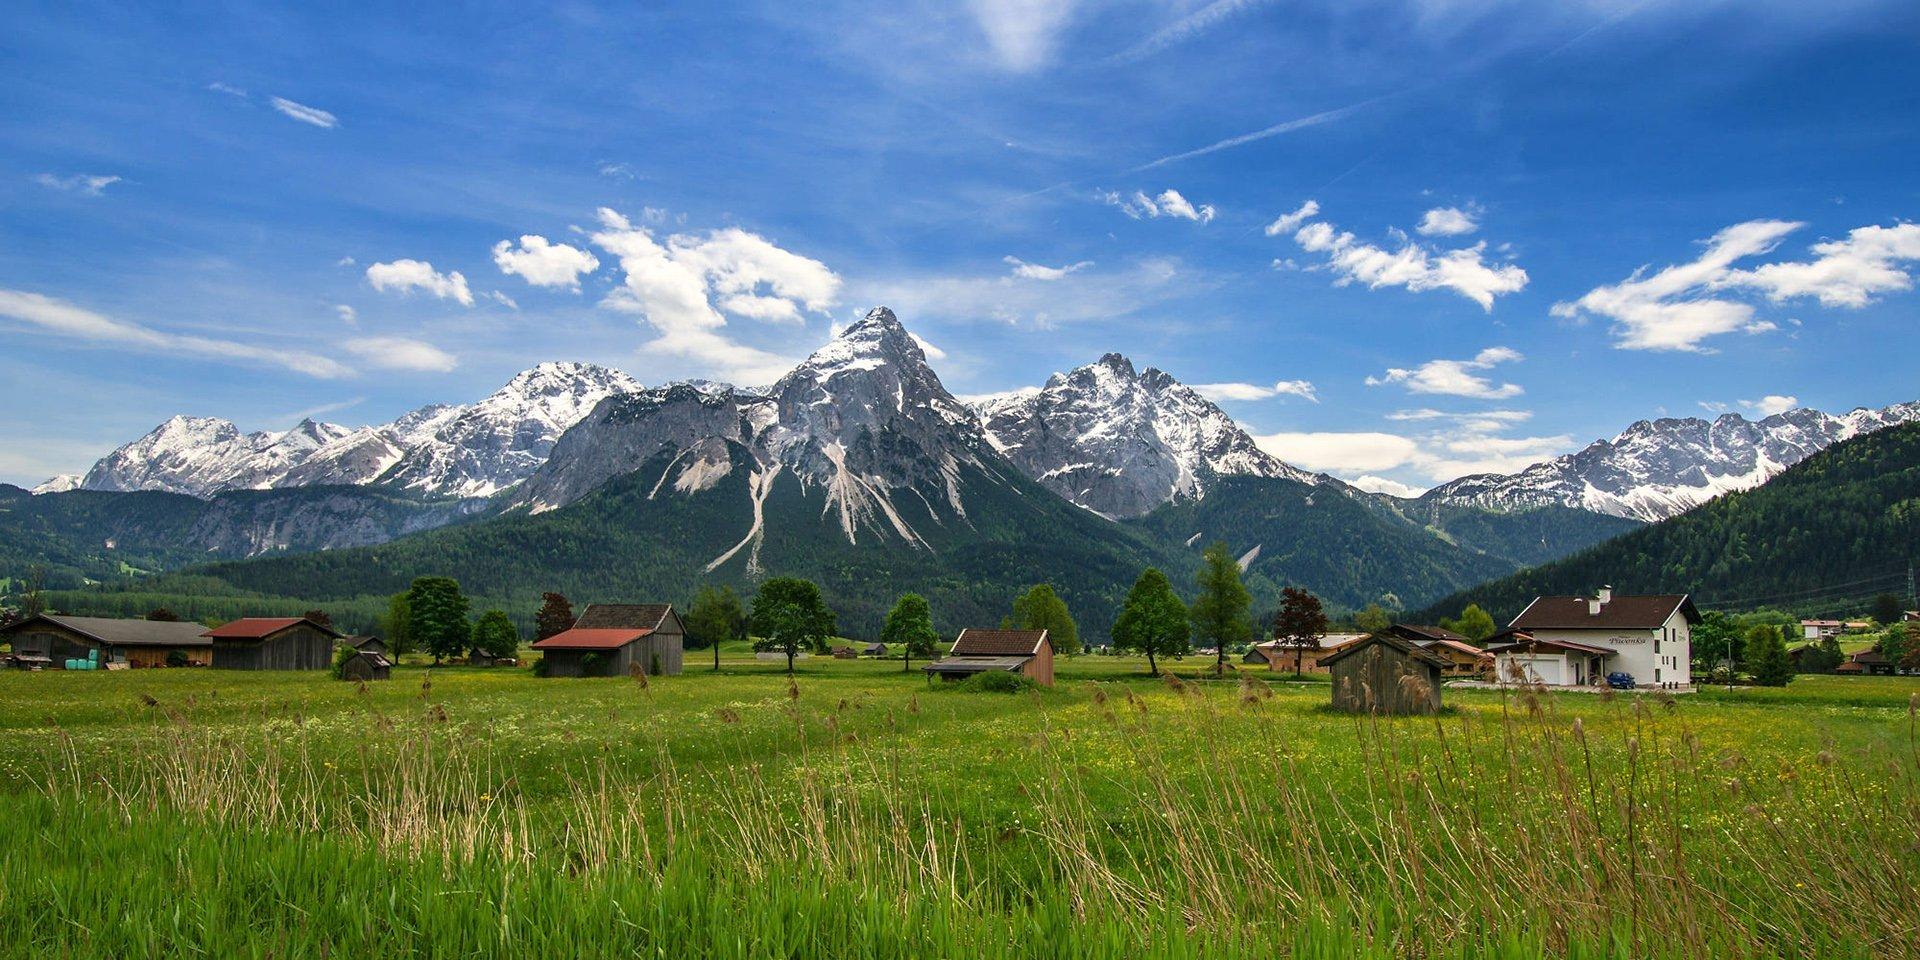 Avusturya Alpleri Manzarası